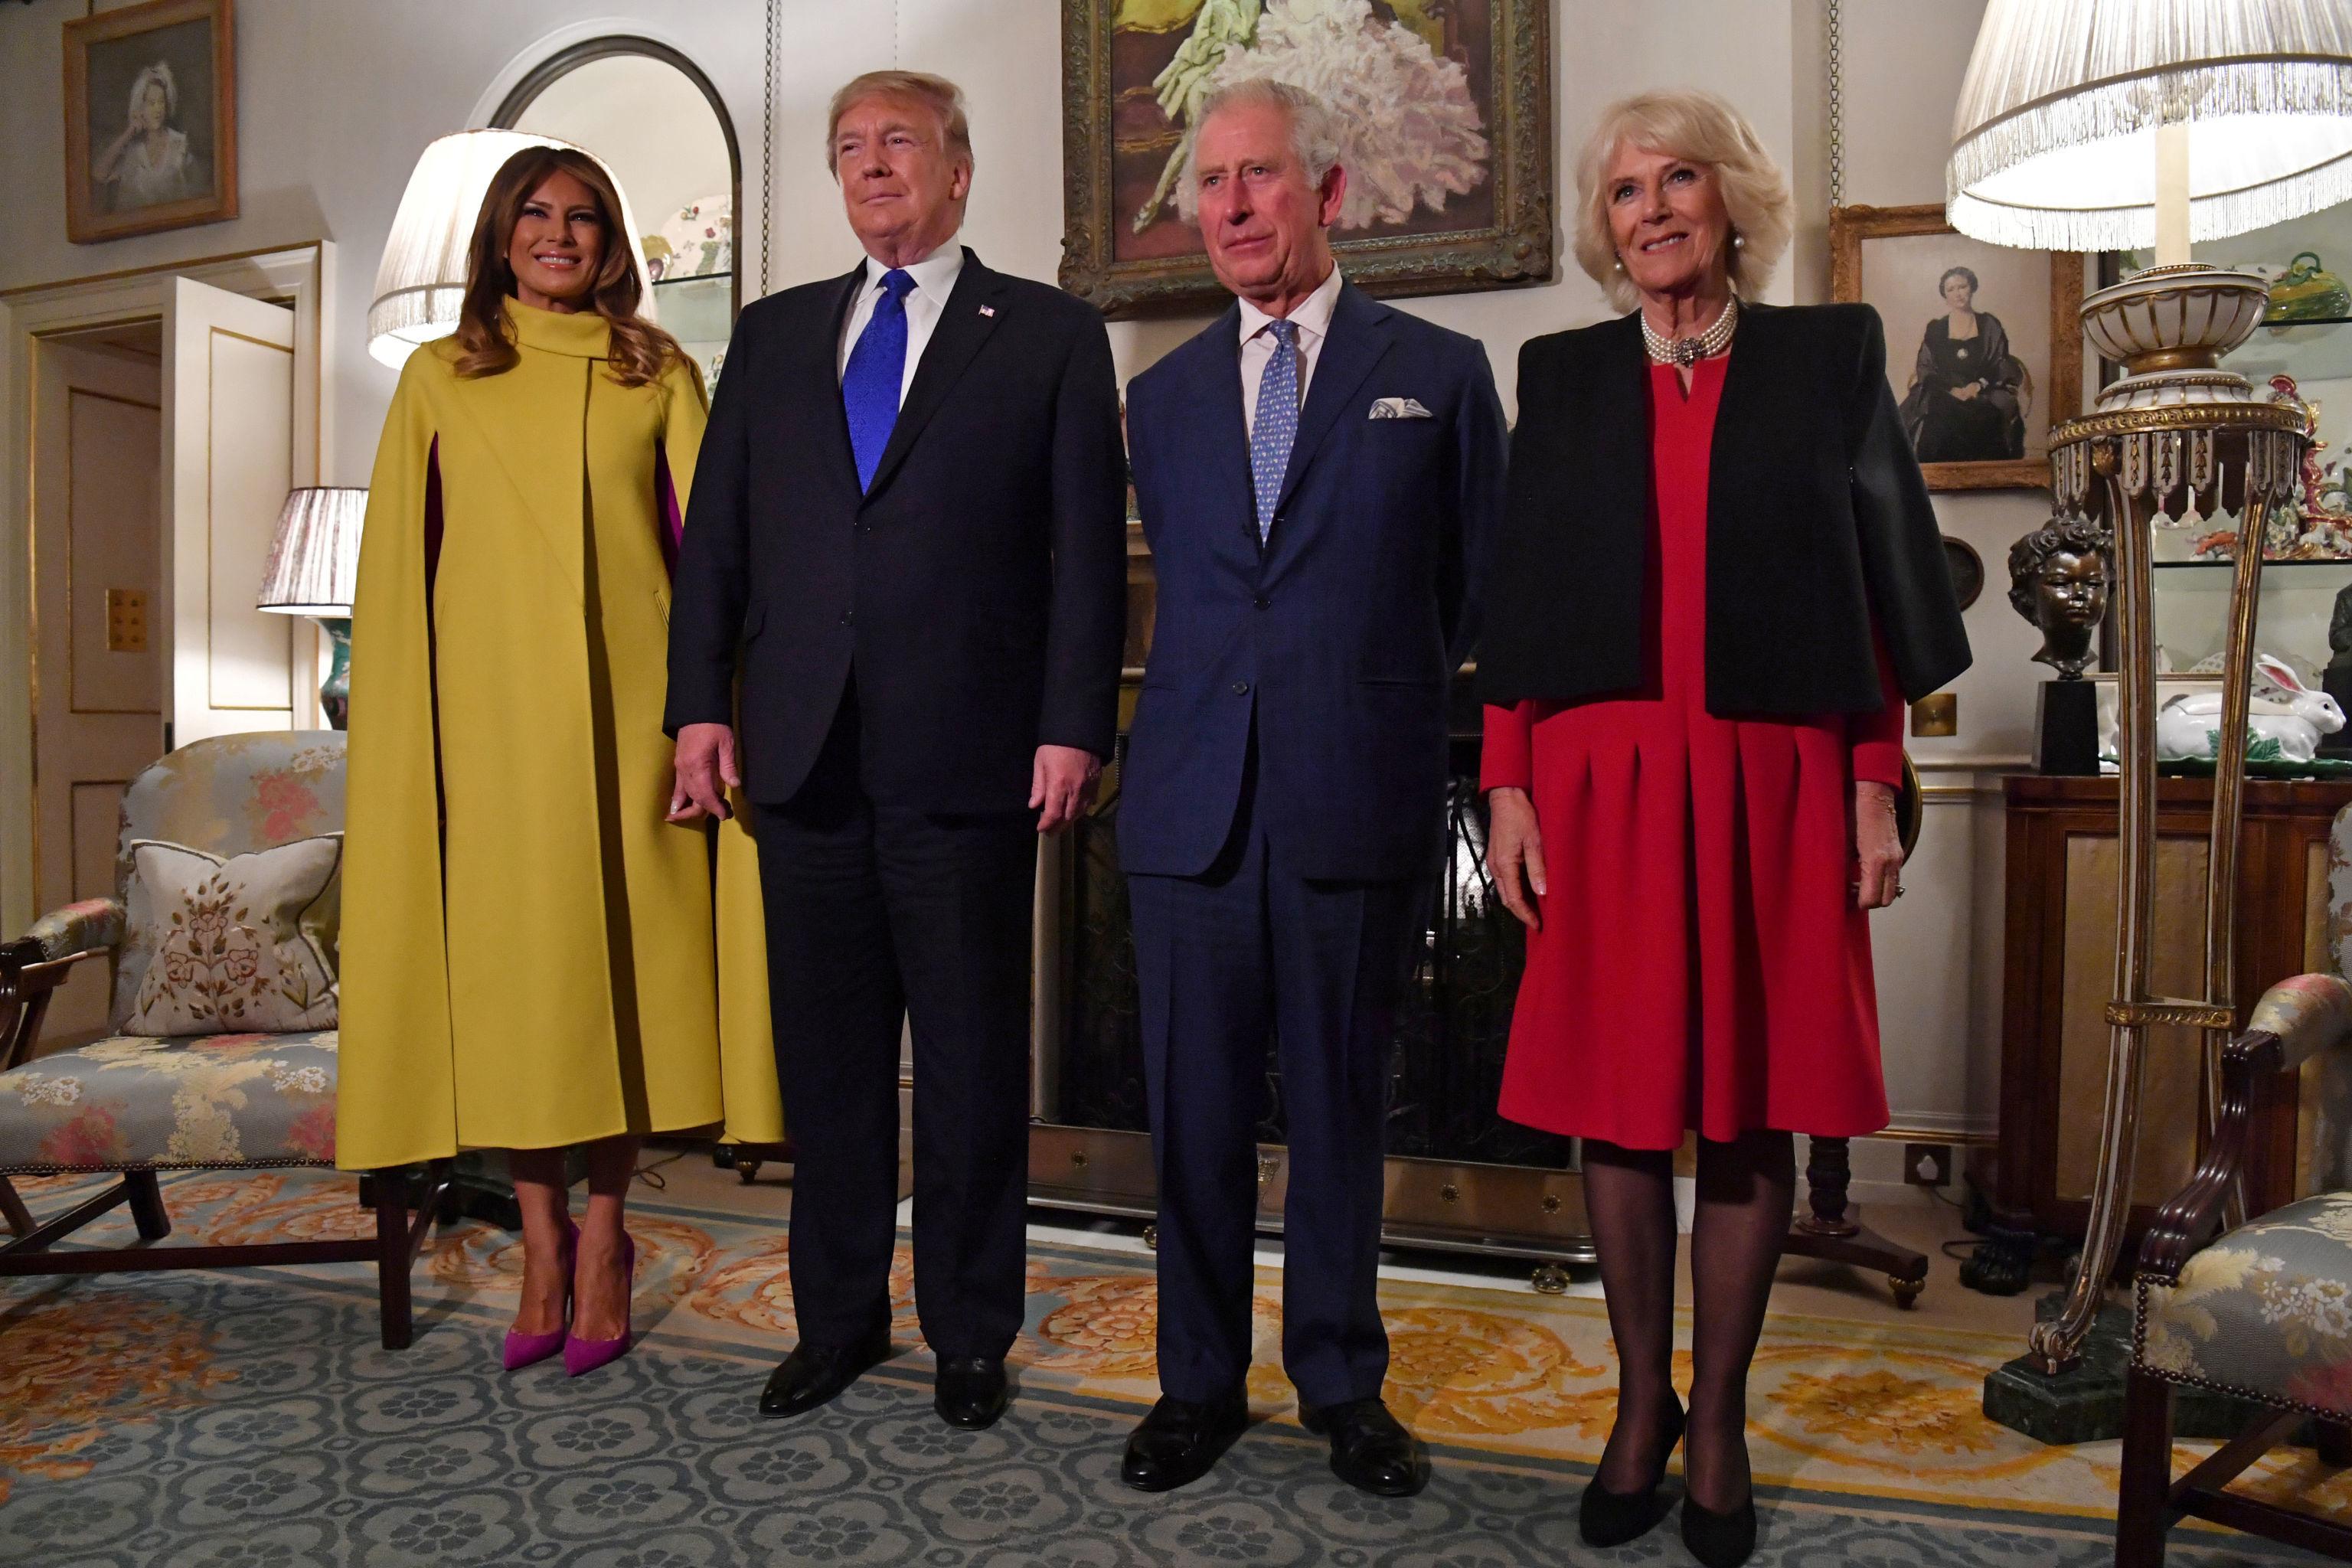 Donald Trump y Melania Trump junto al príncipe Carlos de Gales y su esposa Camilla, duquesa de Cornualles, durante la Cumbre de la OTAN en Londres